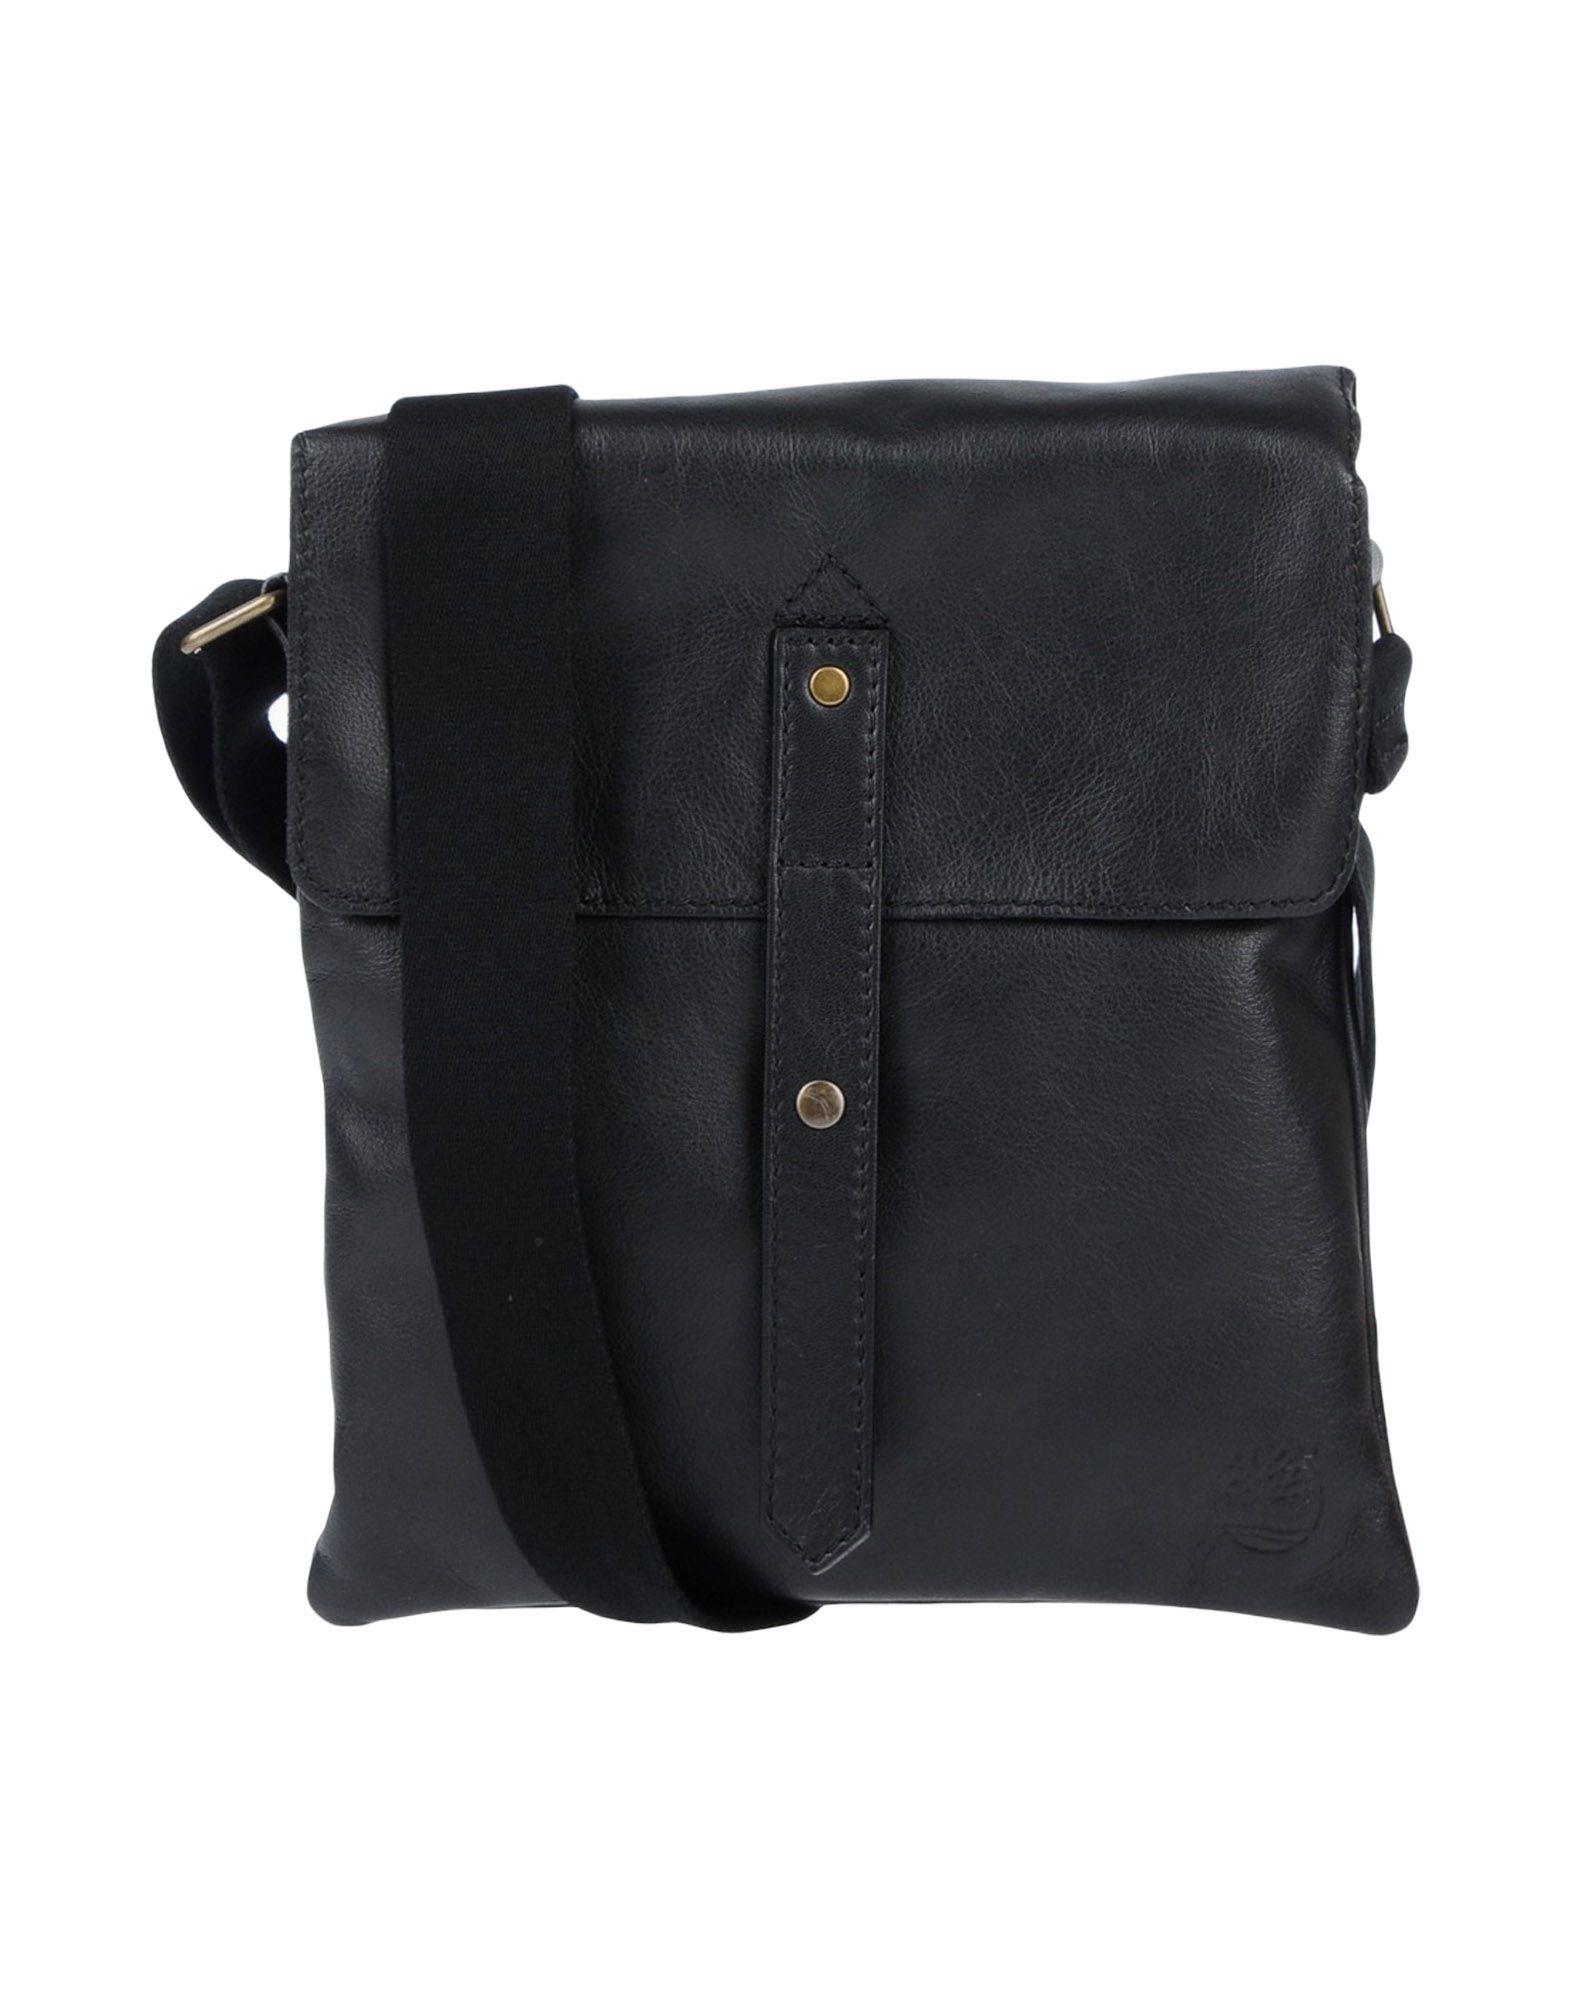 《送料無料》TIMBERLAND メンズ メッセンジャーバッグ ブラック 革